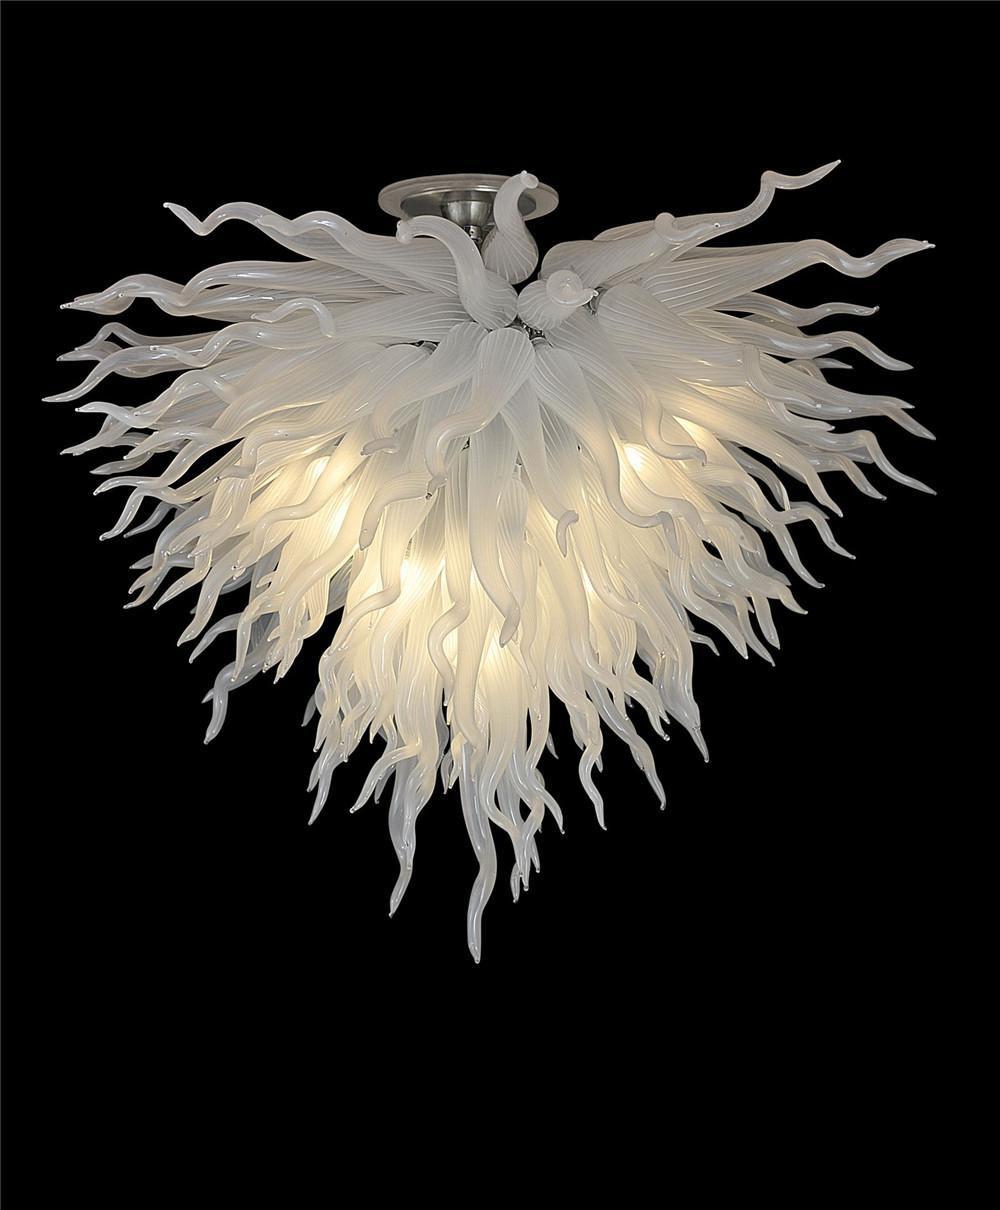 2021 بيع كبيرة الحديثة قلادة مصابيح الفن تصميم متجمد اليد أبيض منفوخ أضواء الزجاج مورانو الزجاج